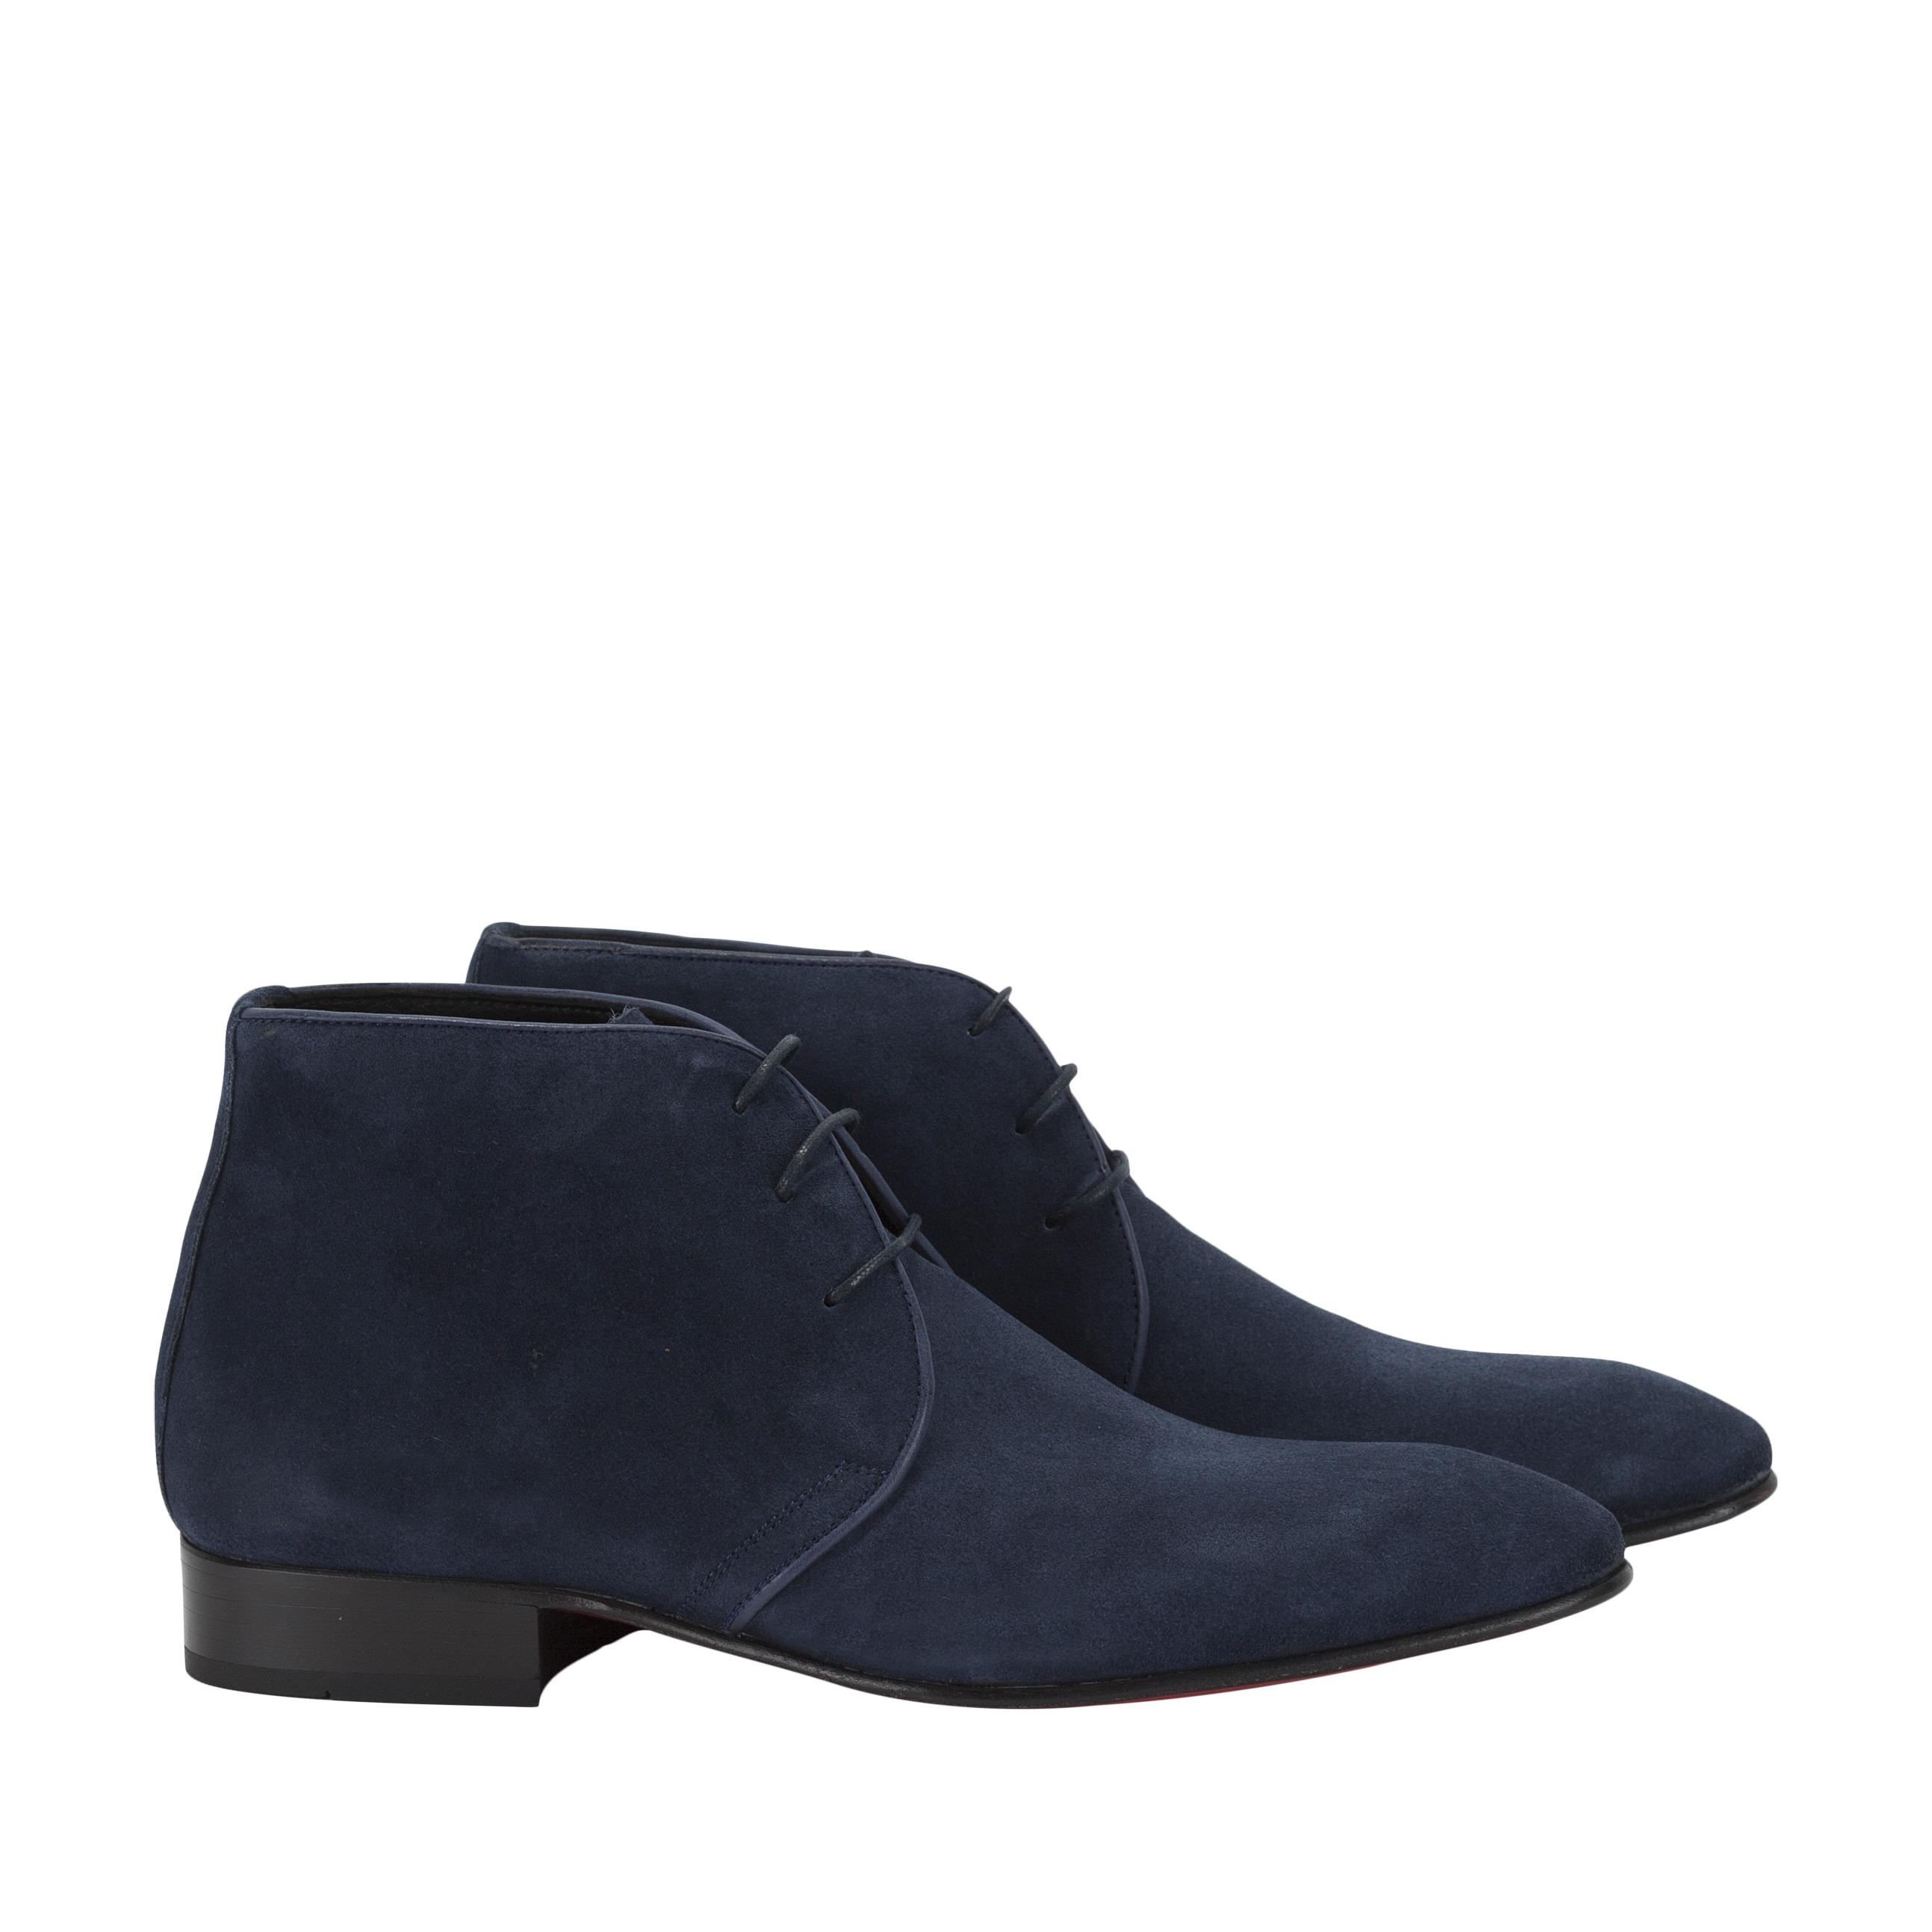 276cb4180f6 Heren schoenen blauw suede